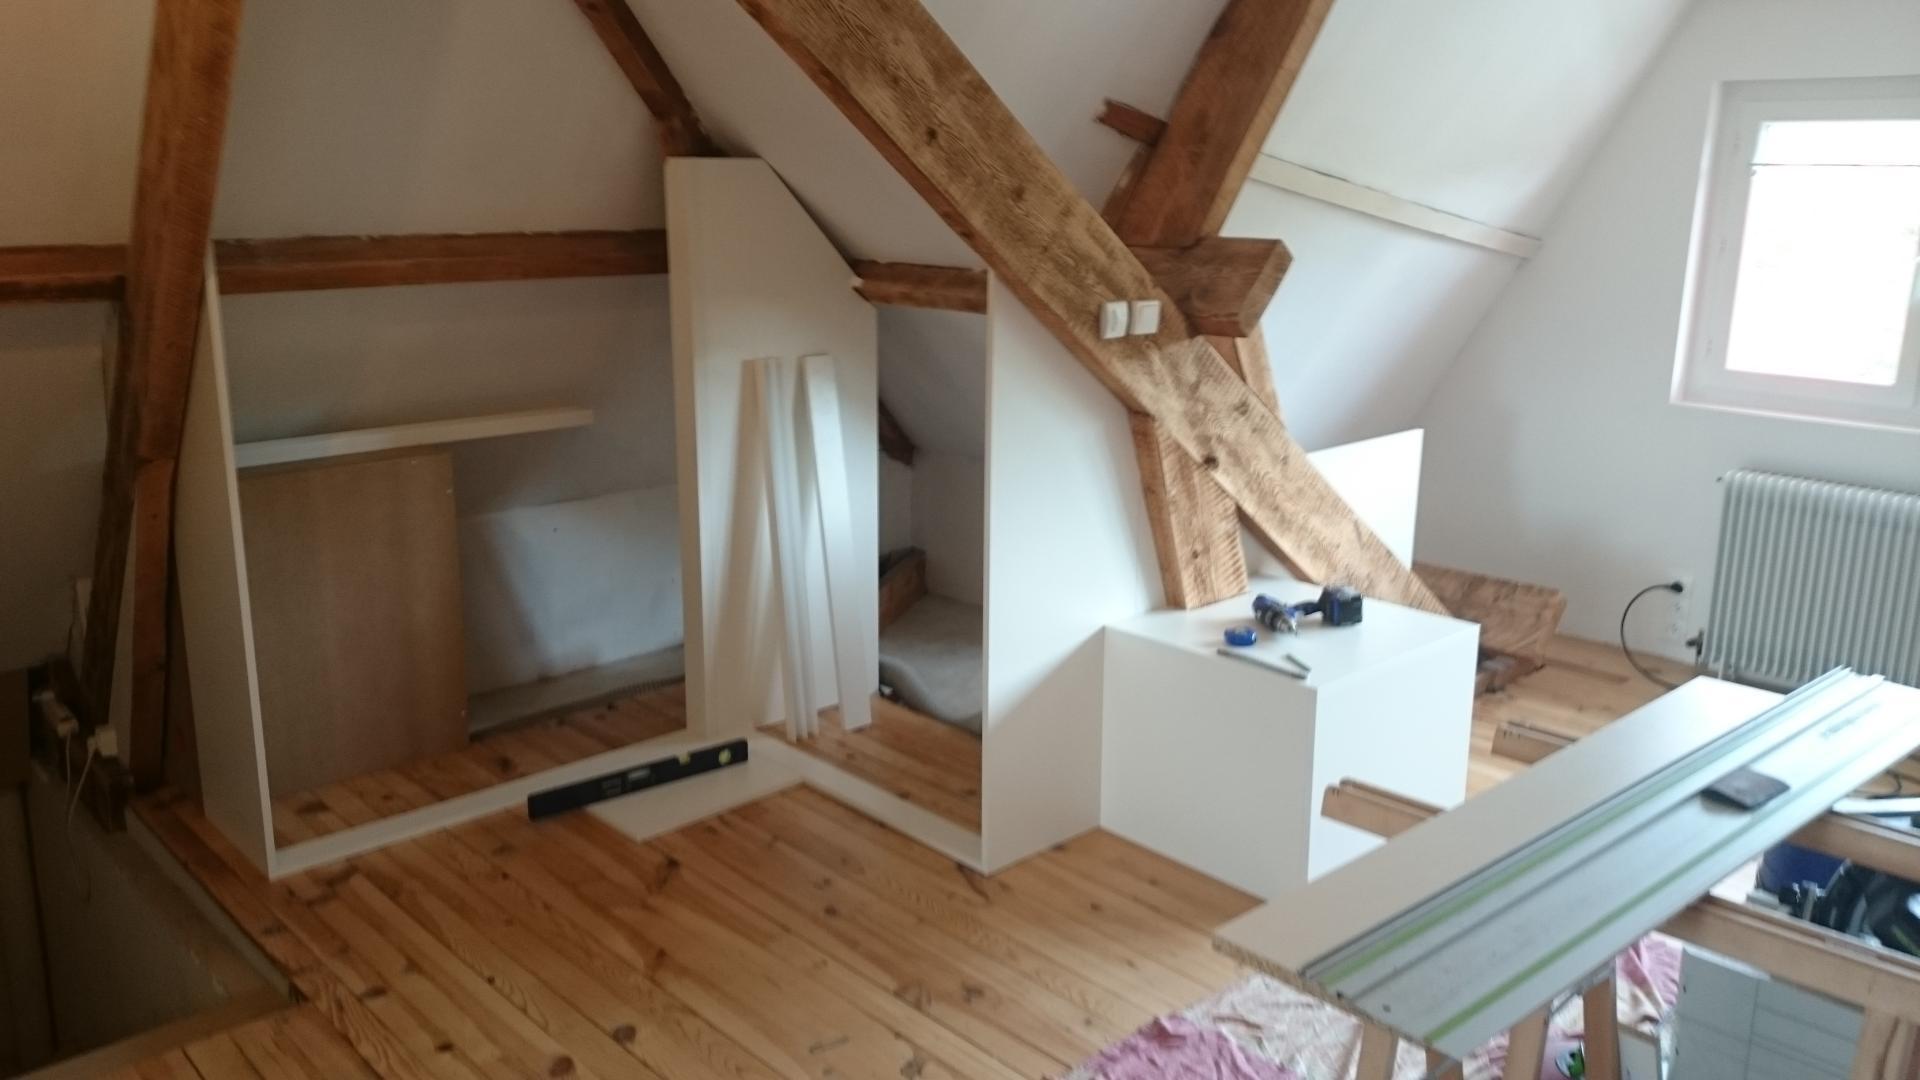 r alisations d 39 agencement s mesure placard parquet. Black Bedroom Furniture Sets. Home Design Ideas